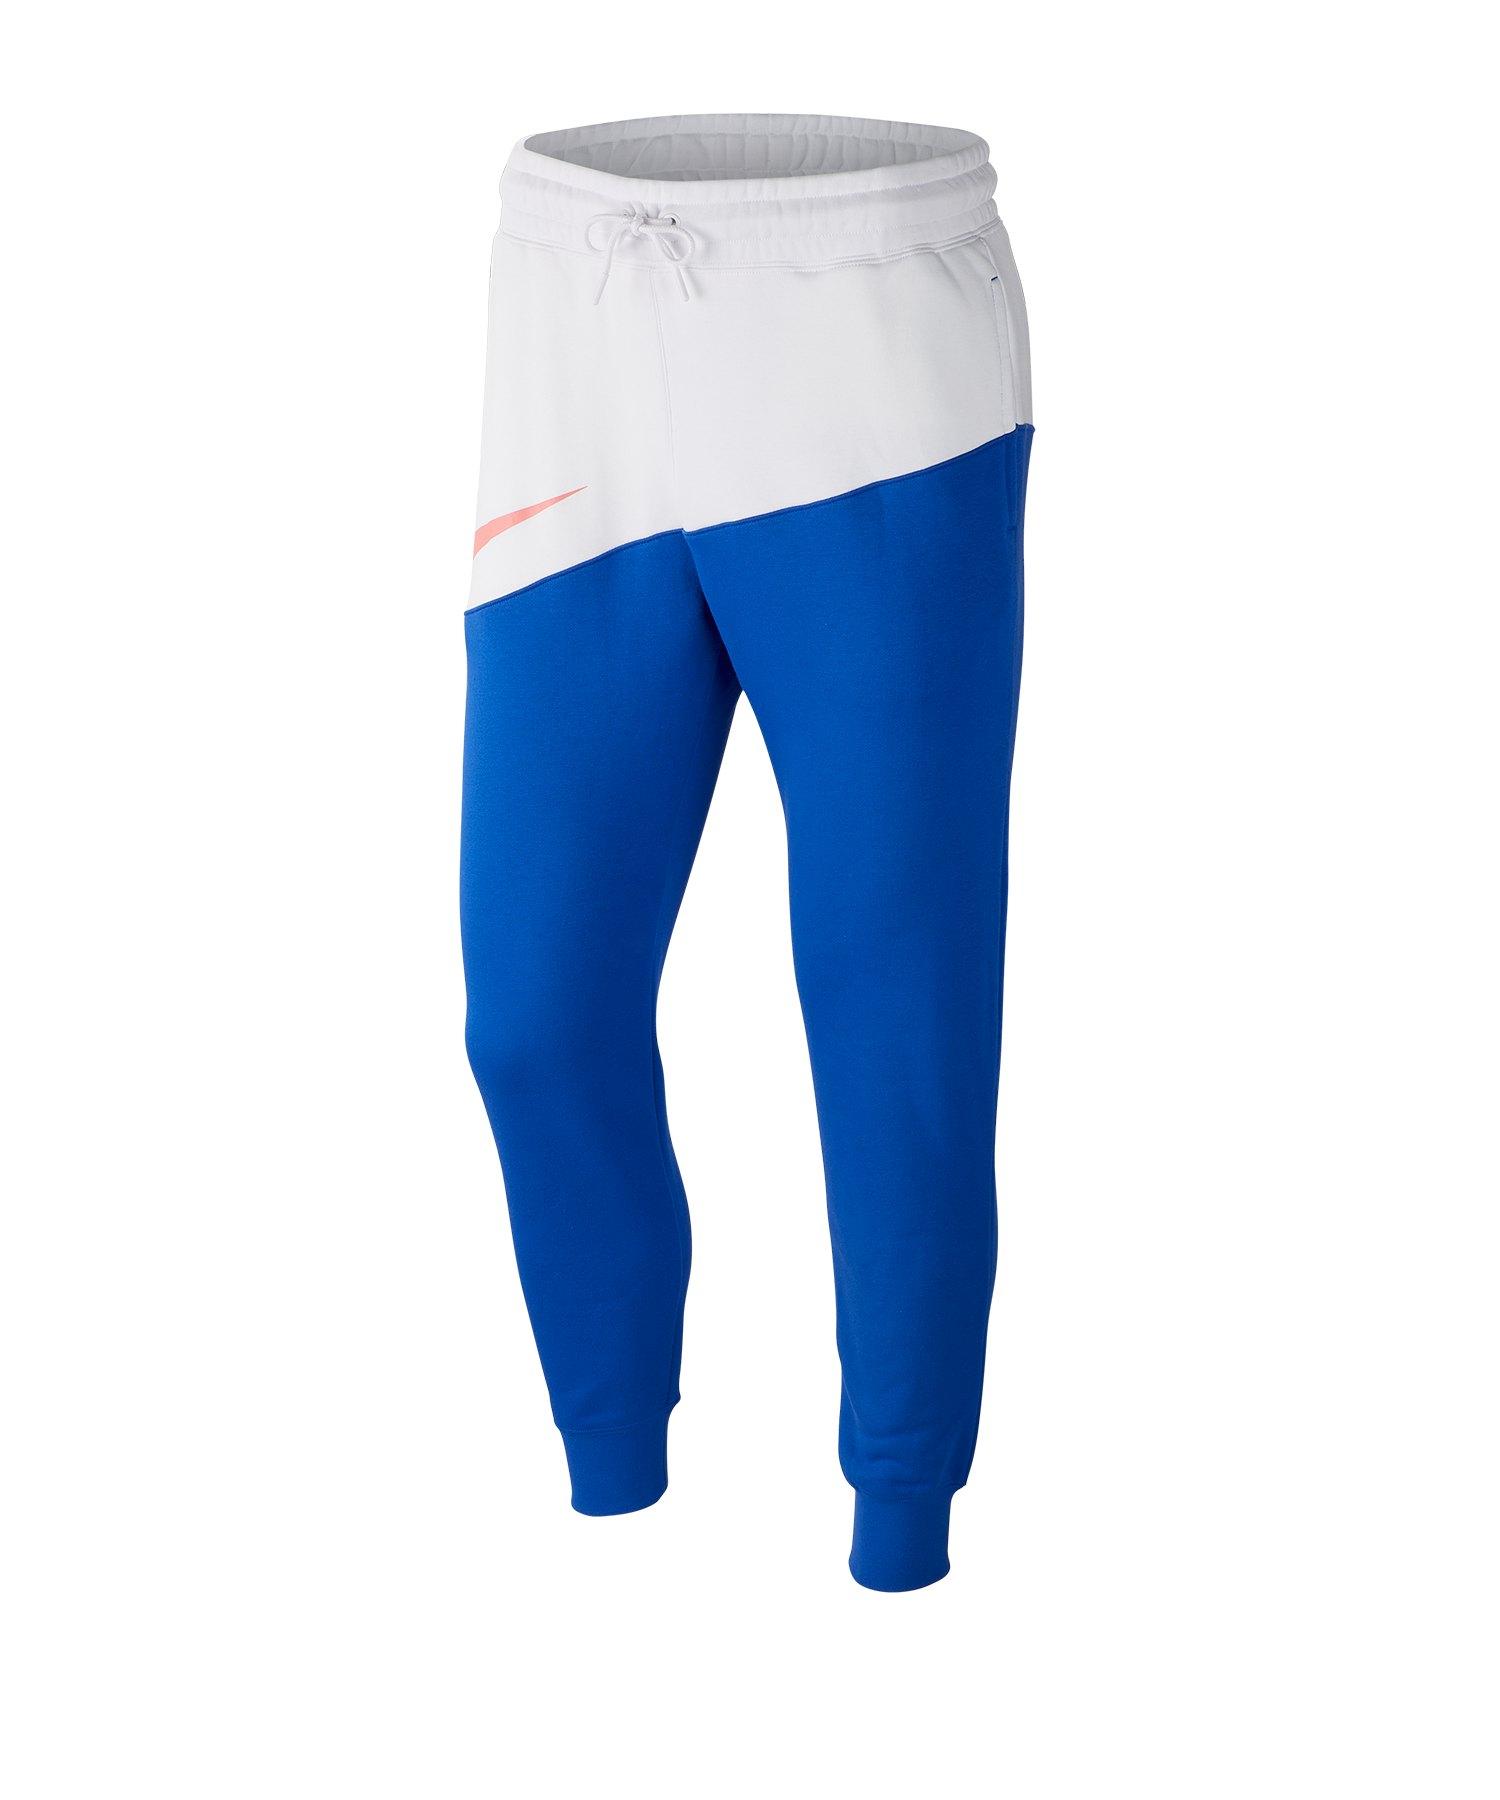 Nike Swoosh Jogginghose Pants Weiss Blau F100 - weiss